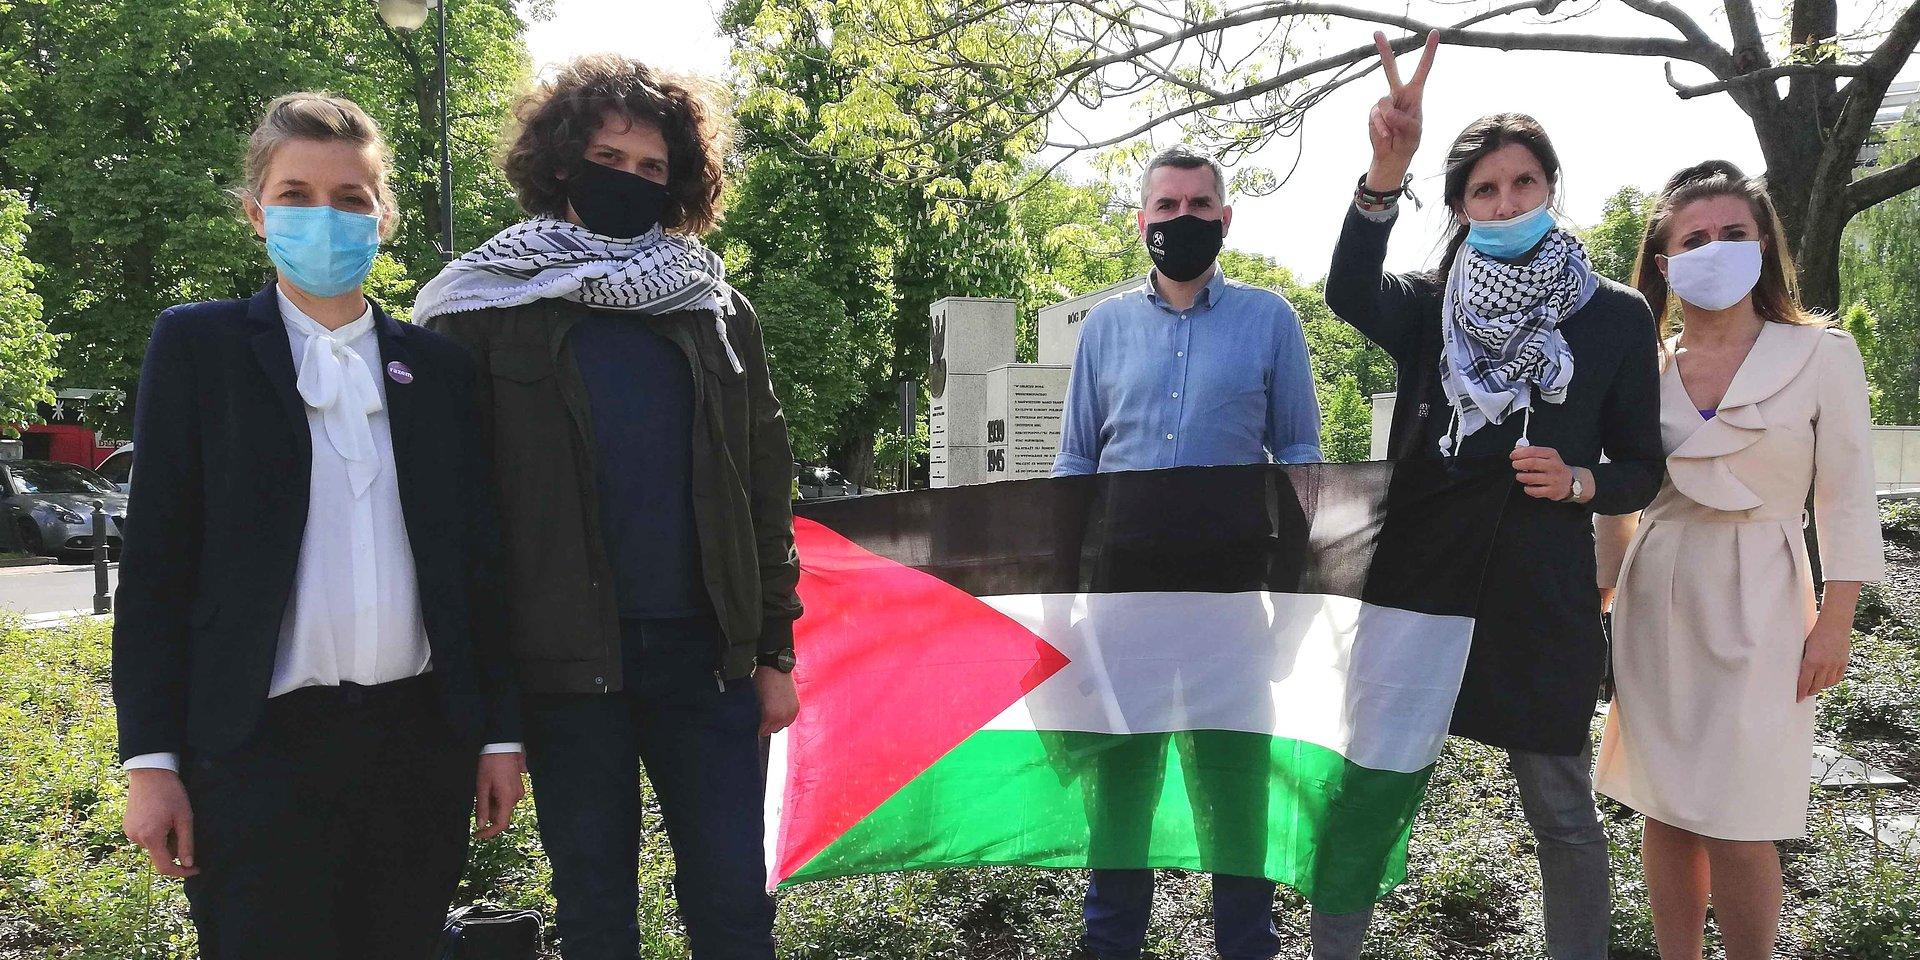 List otwarty parlamentarzystów ws. sytuacji w Strefie Gazy